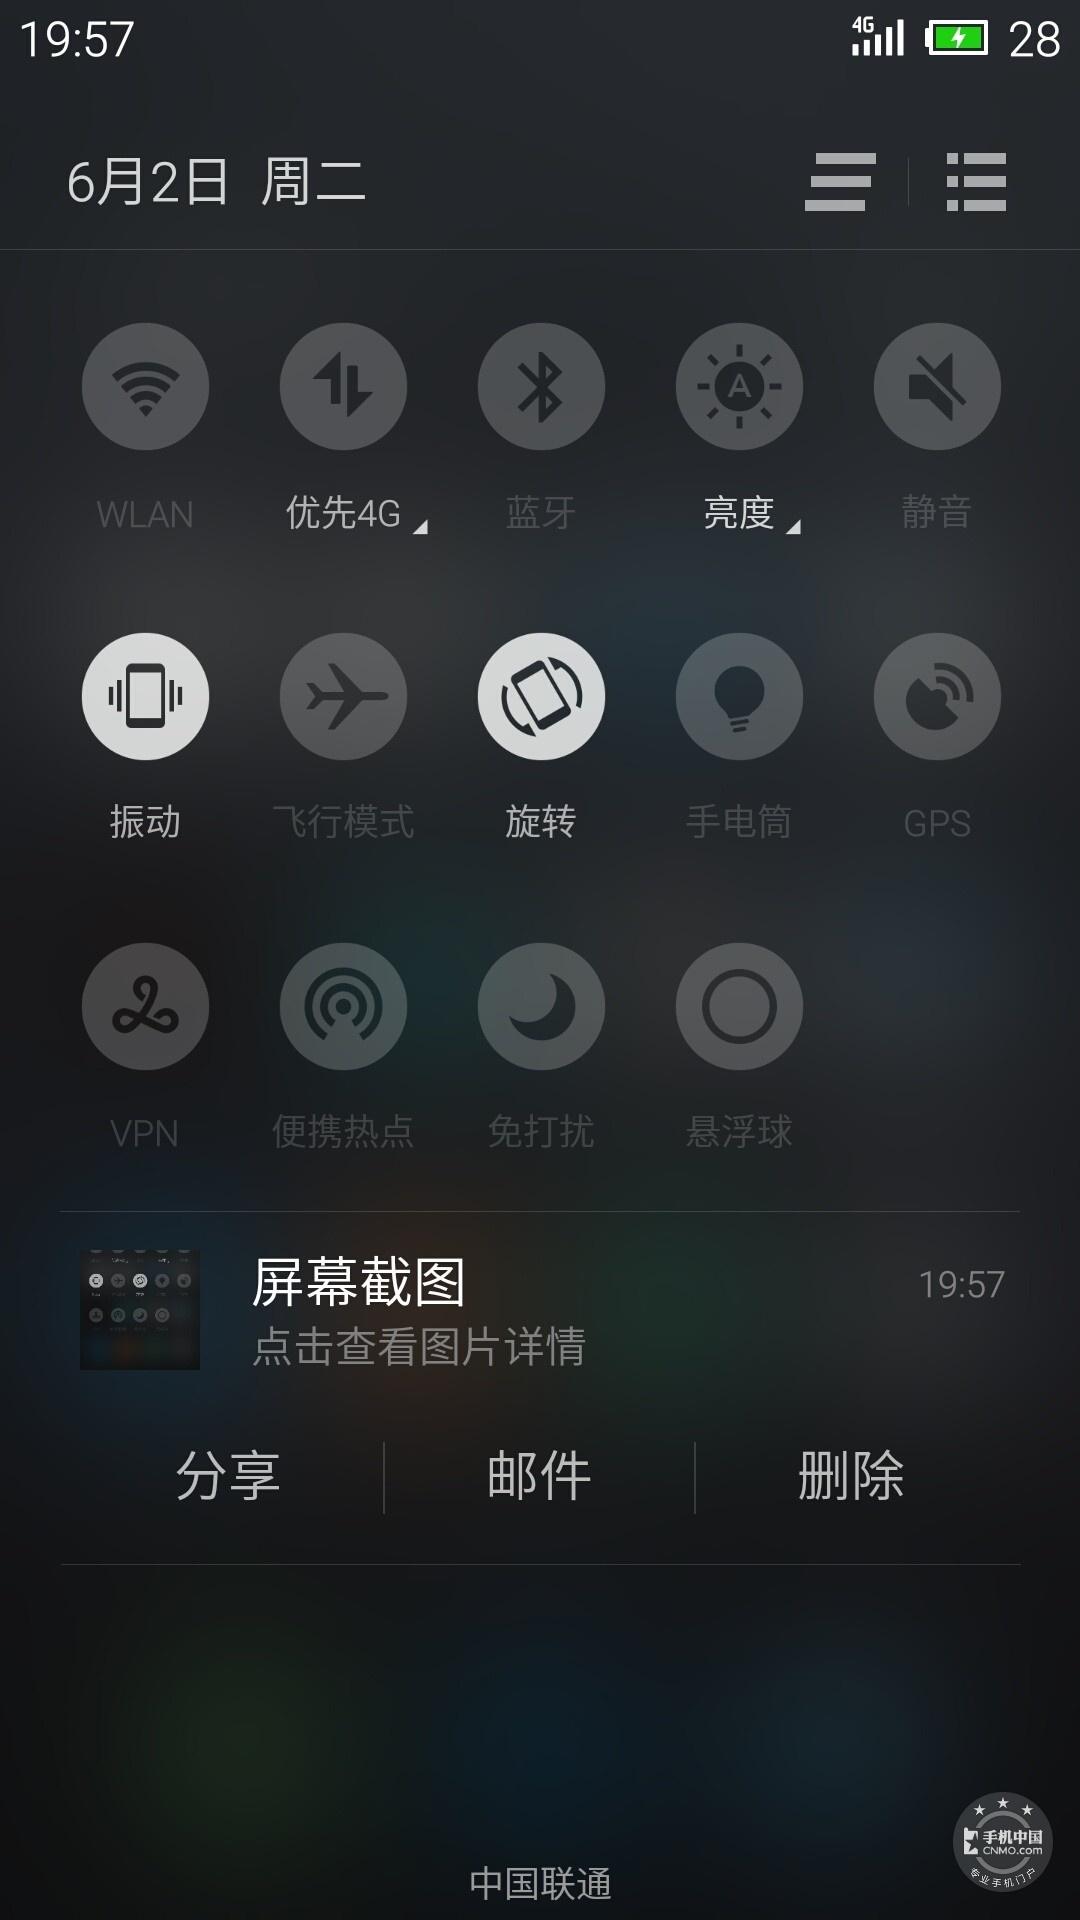 魅蓝note2(双4G/16GB)手机功能界面第3张